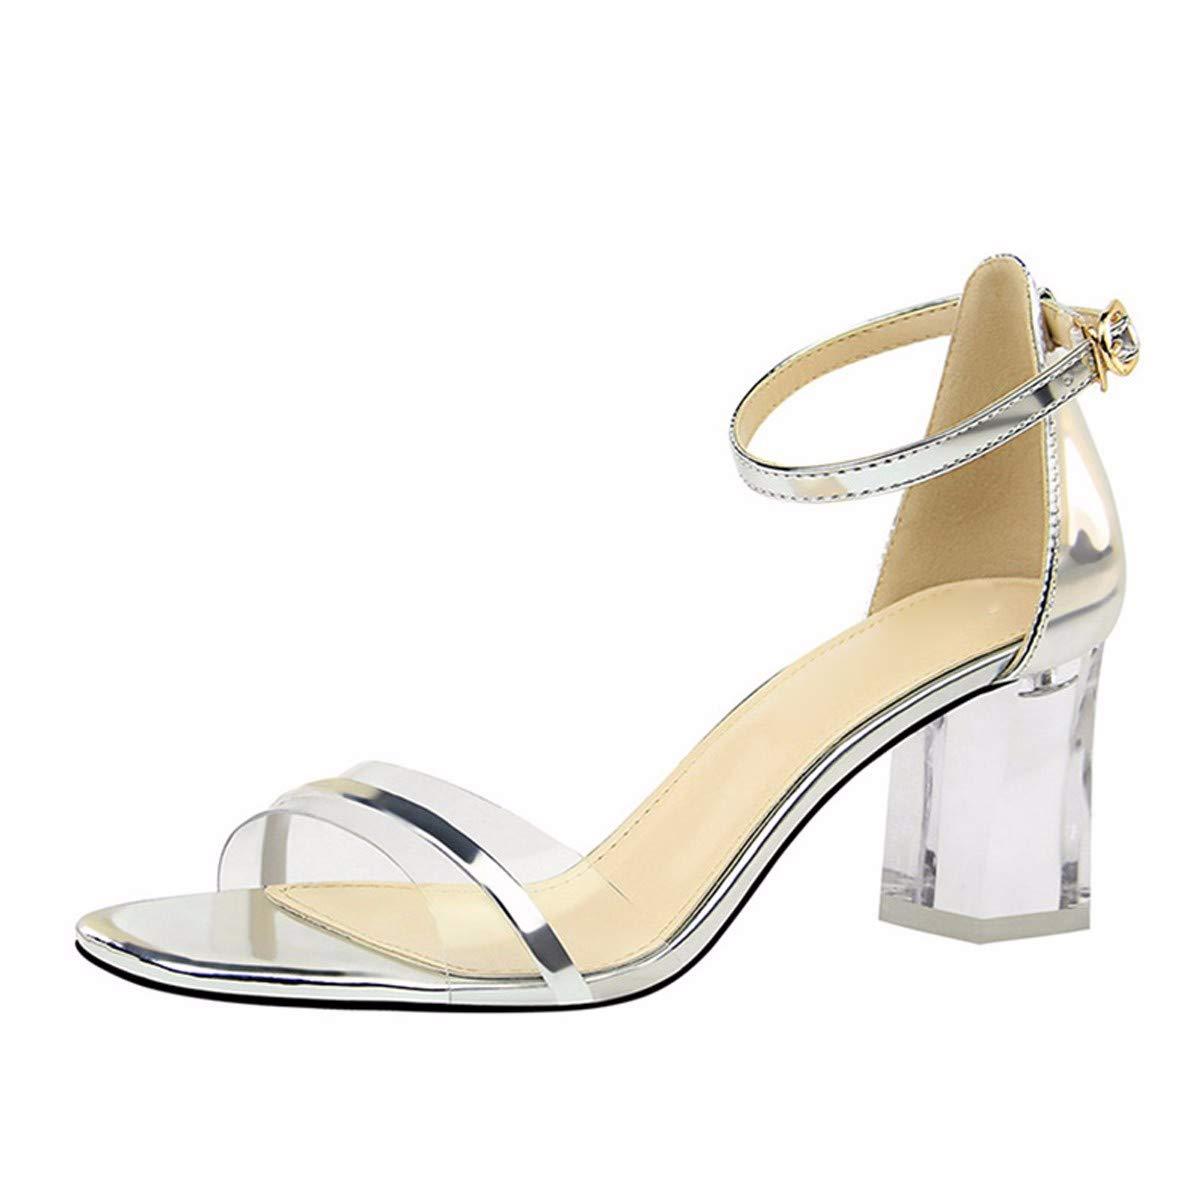 KPHY-Transparenter Folie Kristall Und Mode 7Cm High Heels Sandaleen Weiblich Dicht Und Dunkel Zehen.39 grau